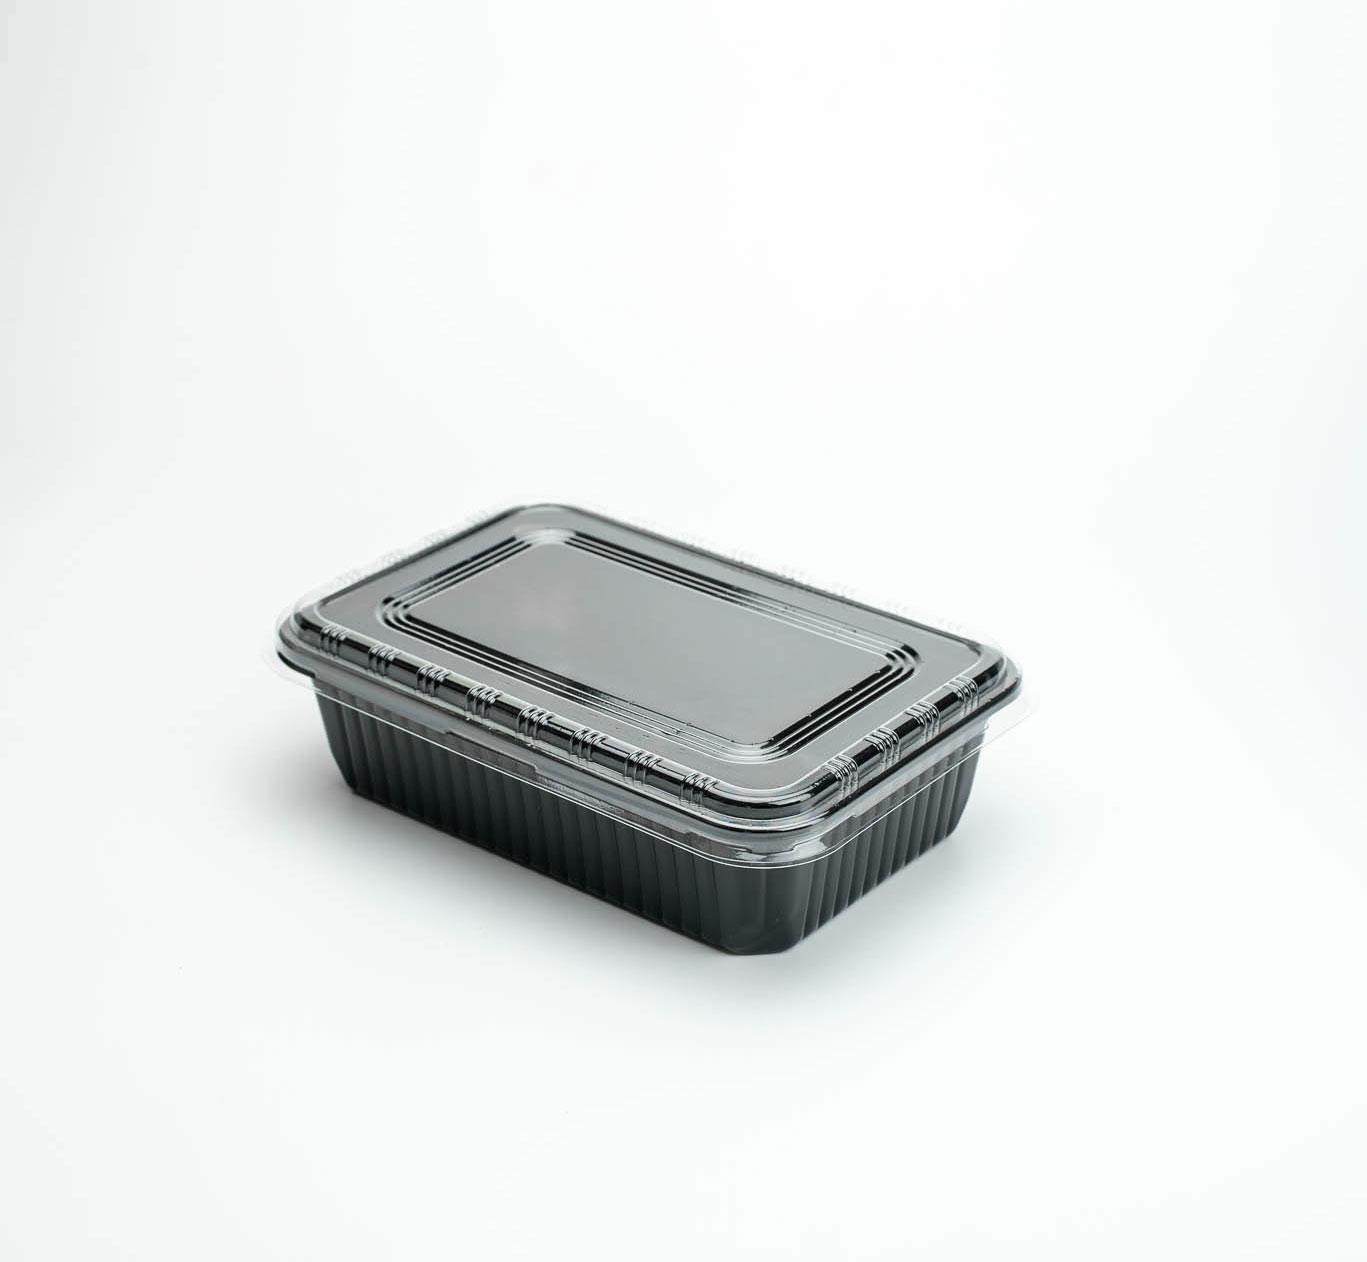 กล่องอาหารพลาสติก 1 ช่อง 650ml (ฝาใสไร้ฝ้า)